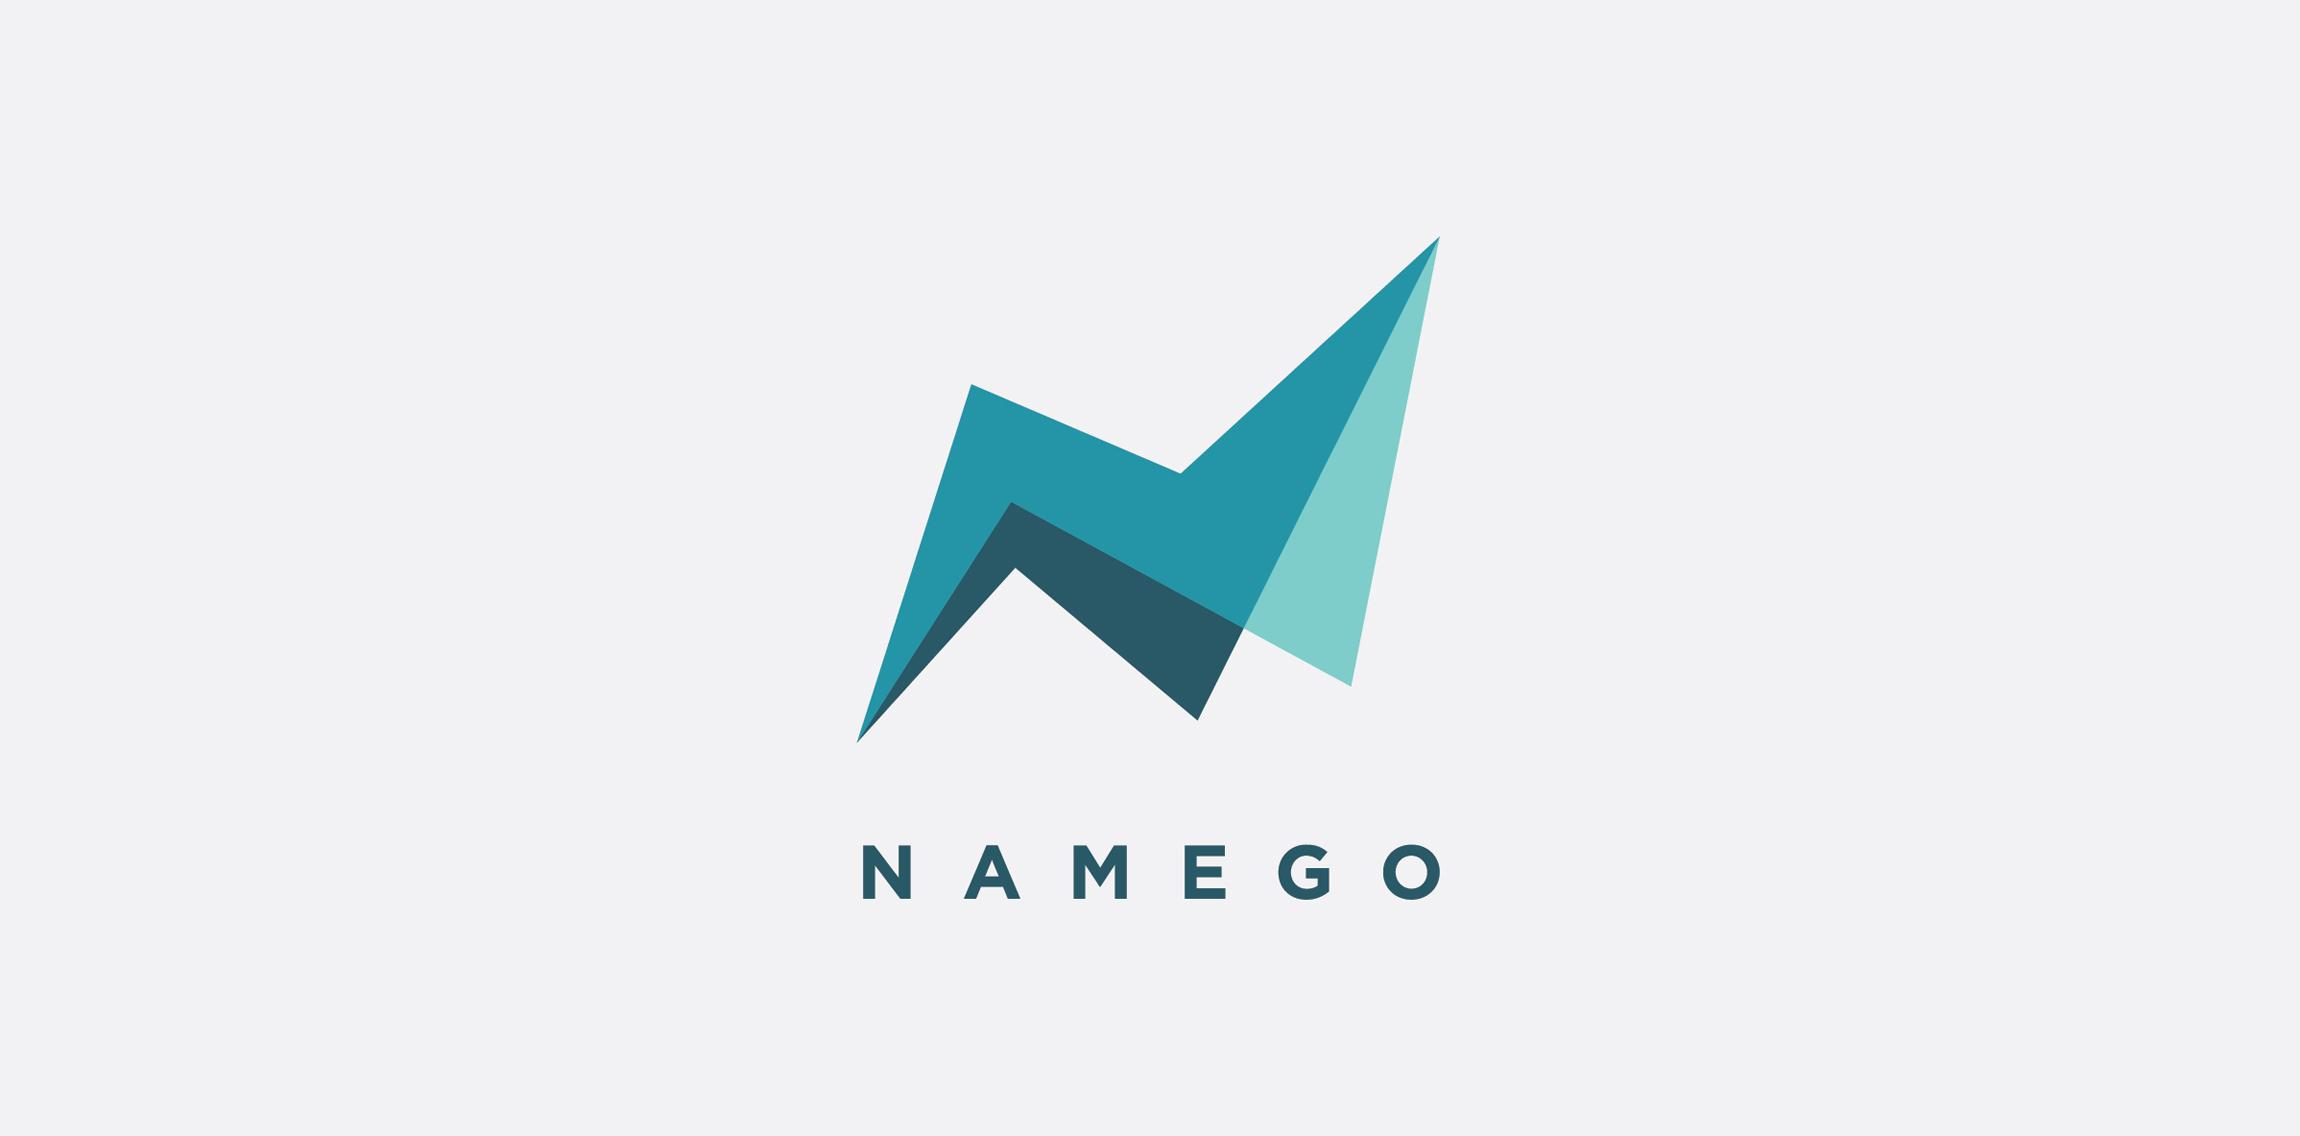 Namego